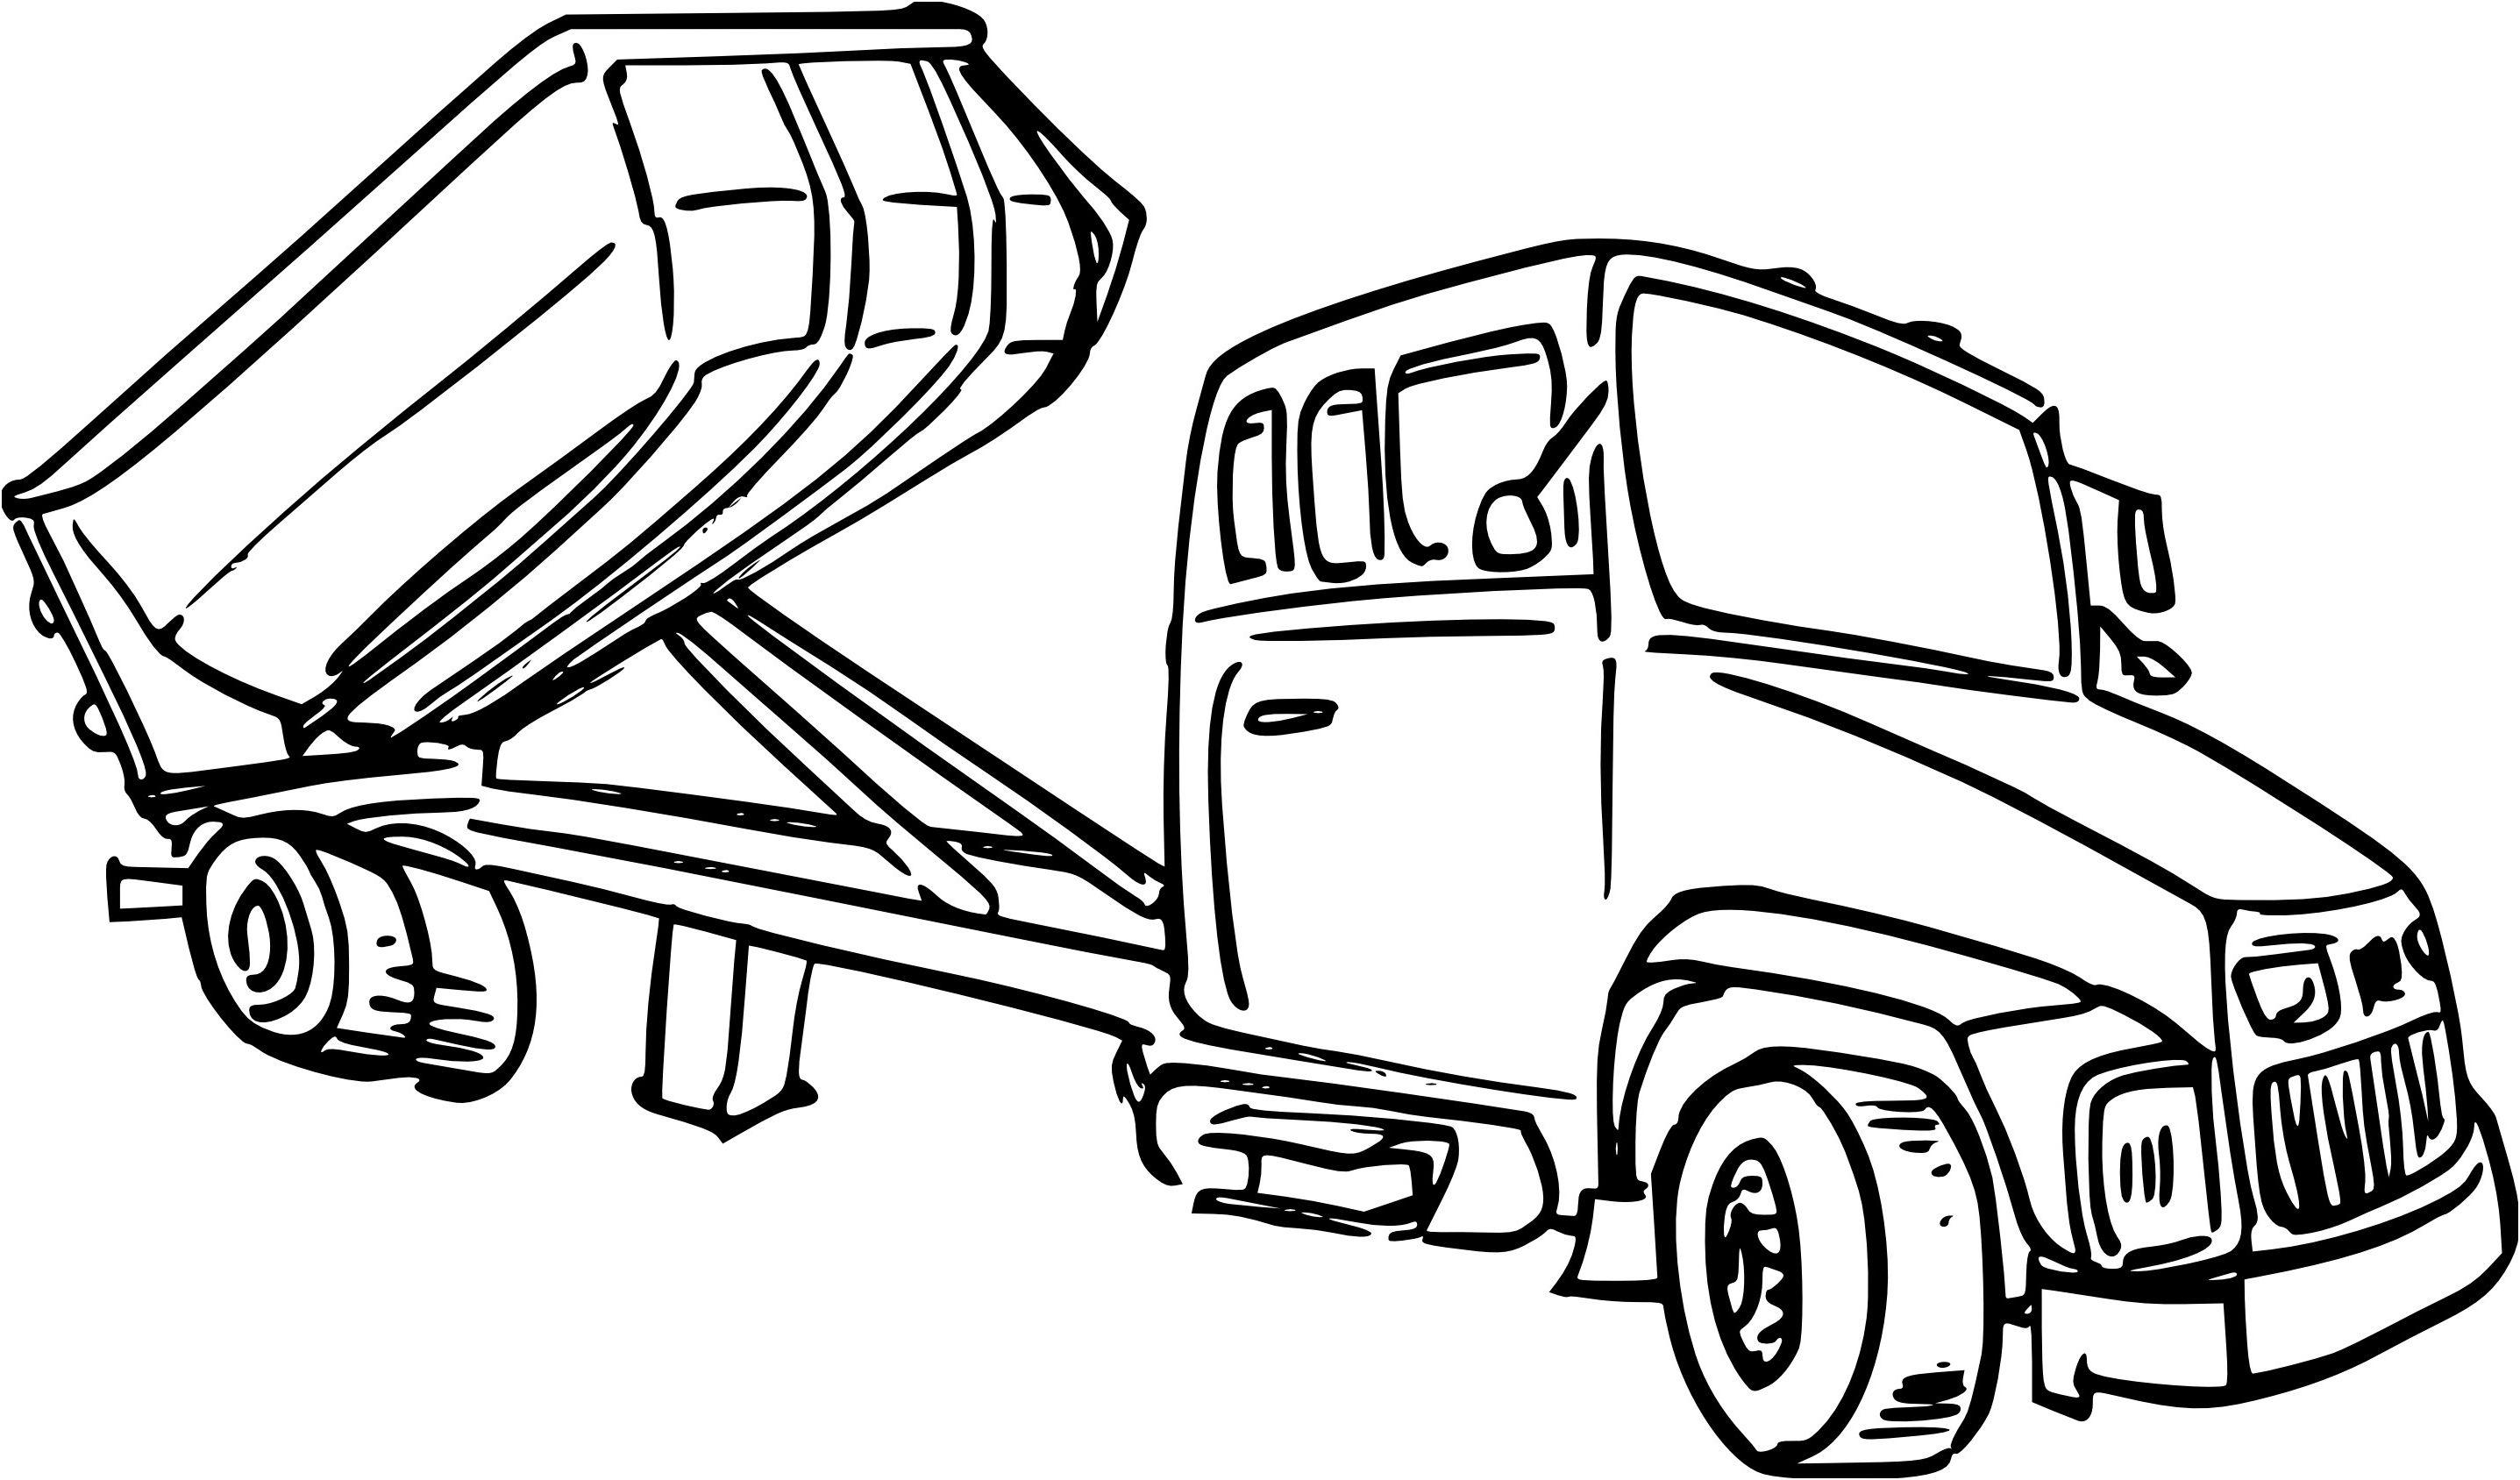 coloriage camion benne et dessin #coloriagecamionbetonaimprimer #coloriagecamionbetonniere # ...